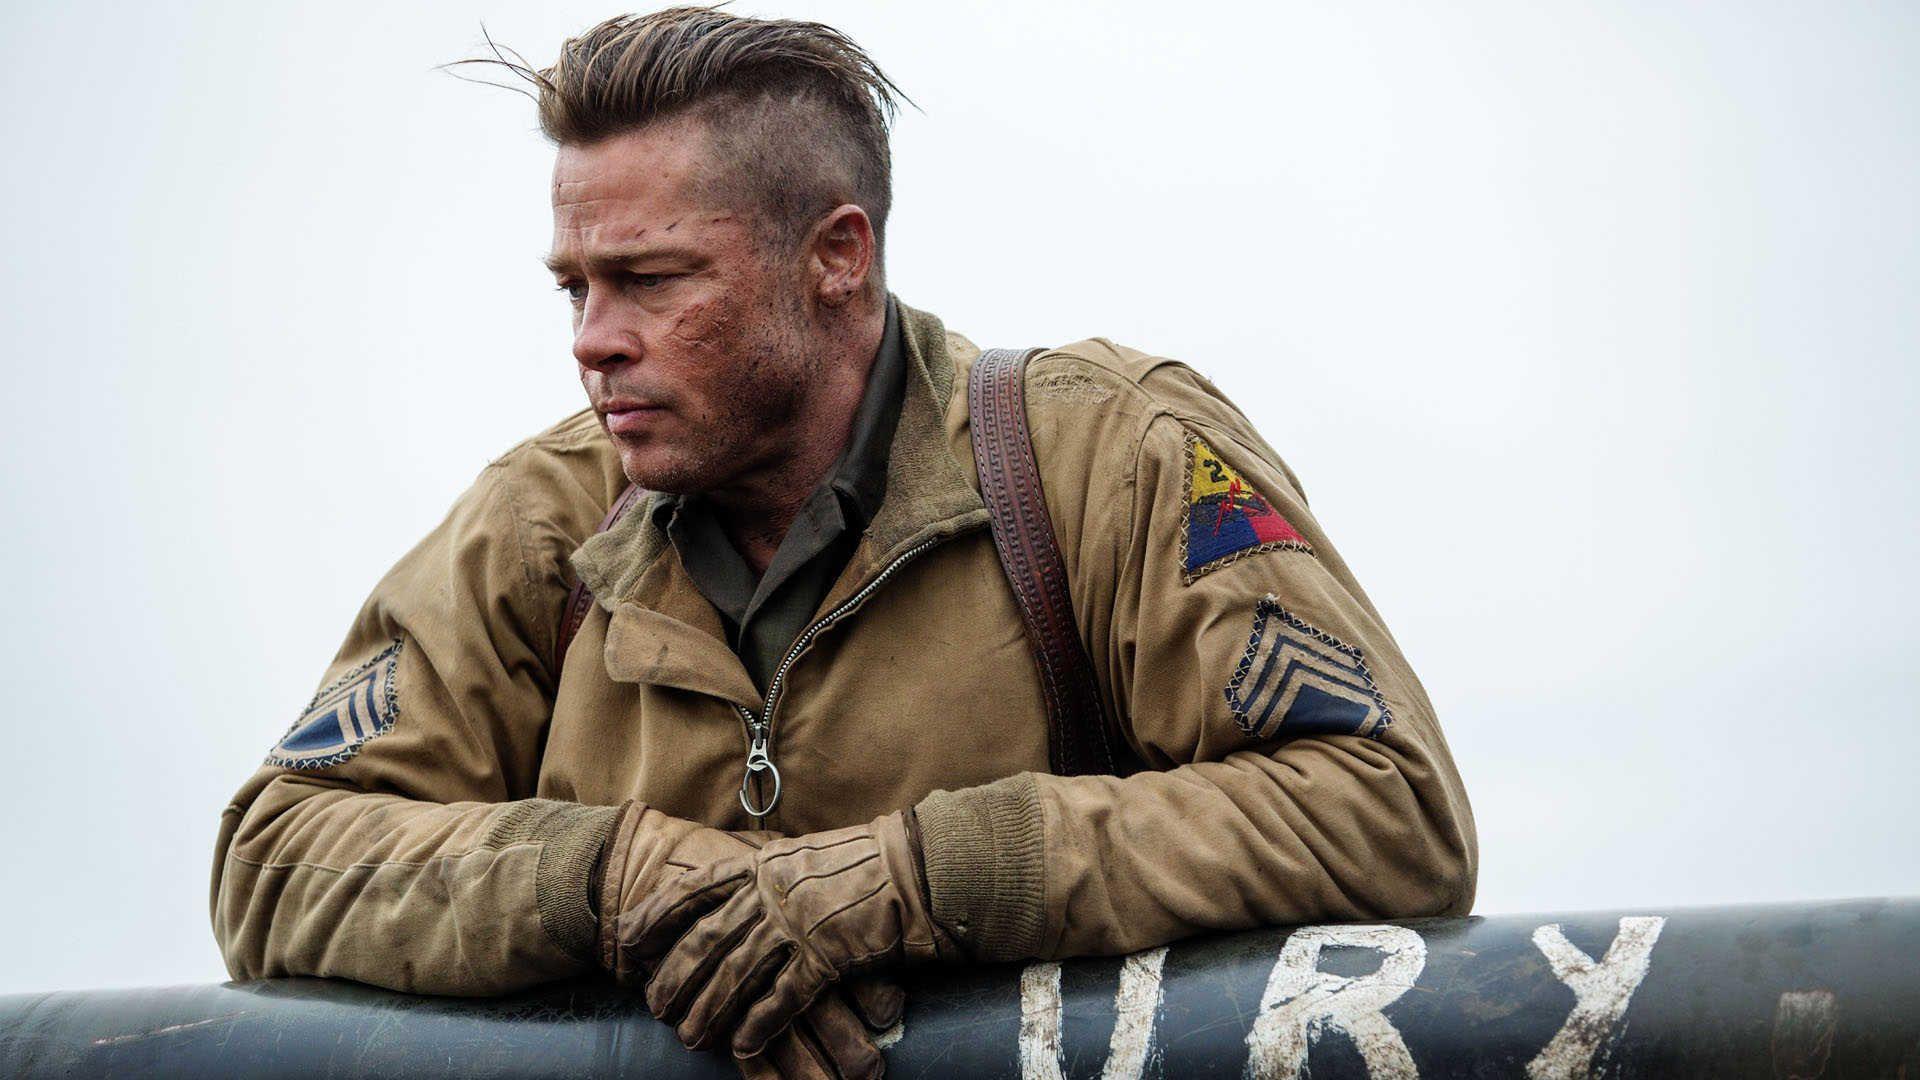 Brad Pitt Fury Movie Wallpaper Jpg 1920 1080 Brad Pitt Brad Pitt Fury Fury Movie